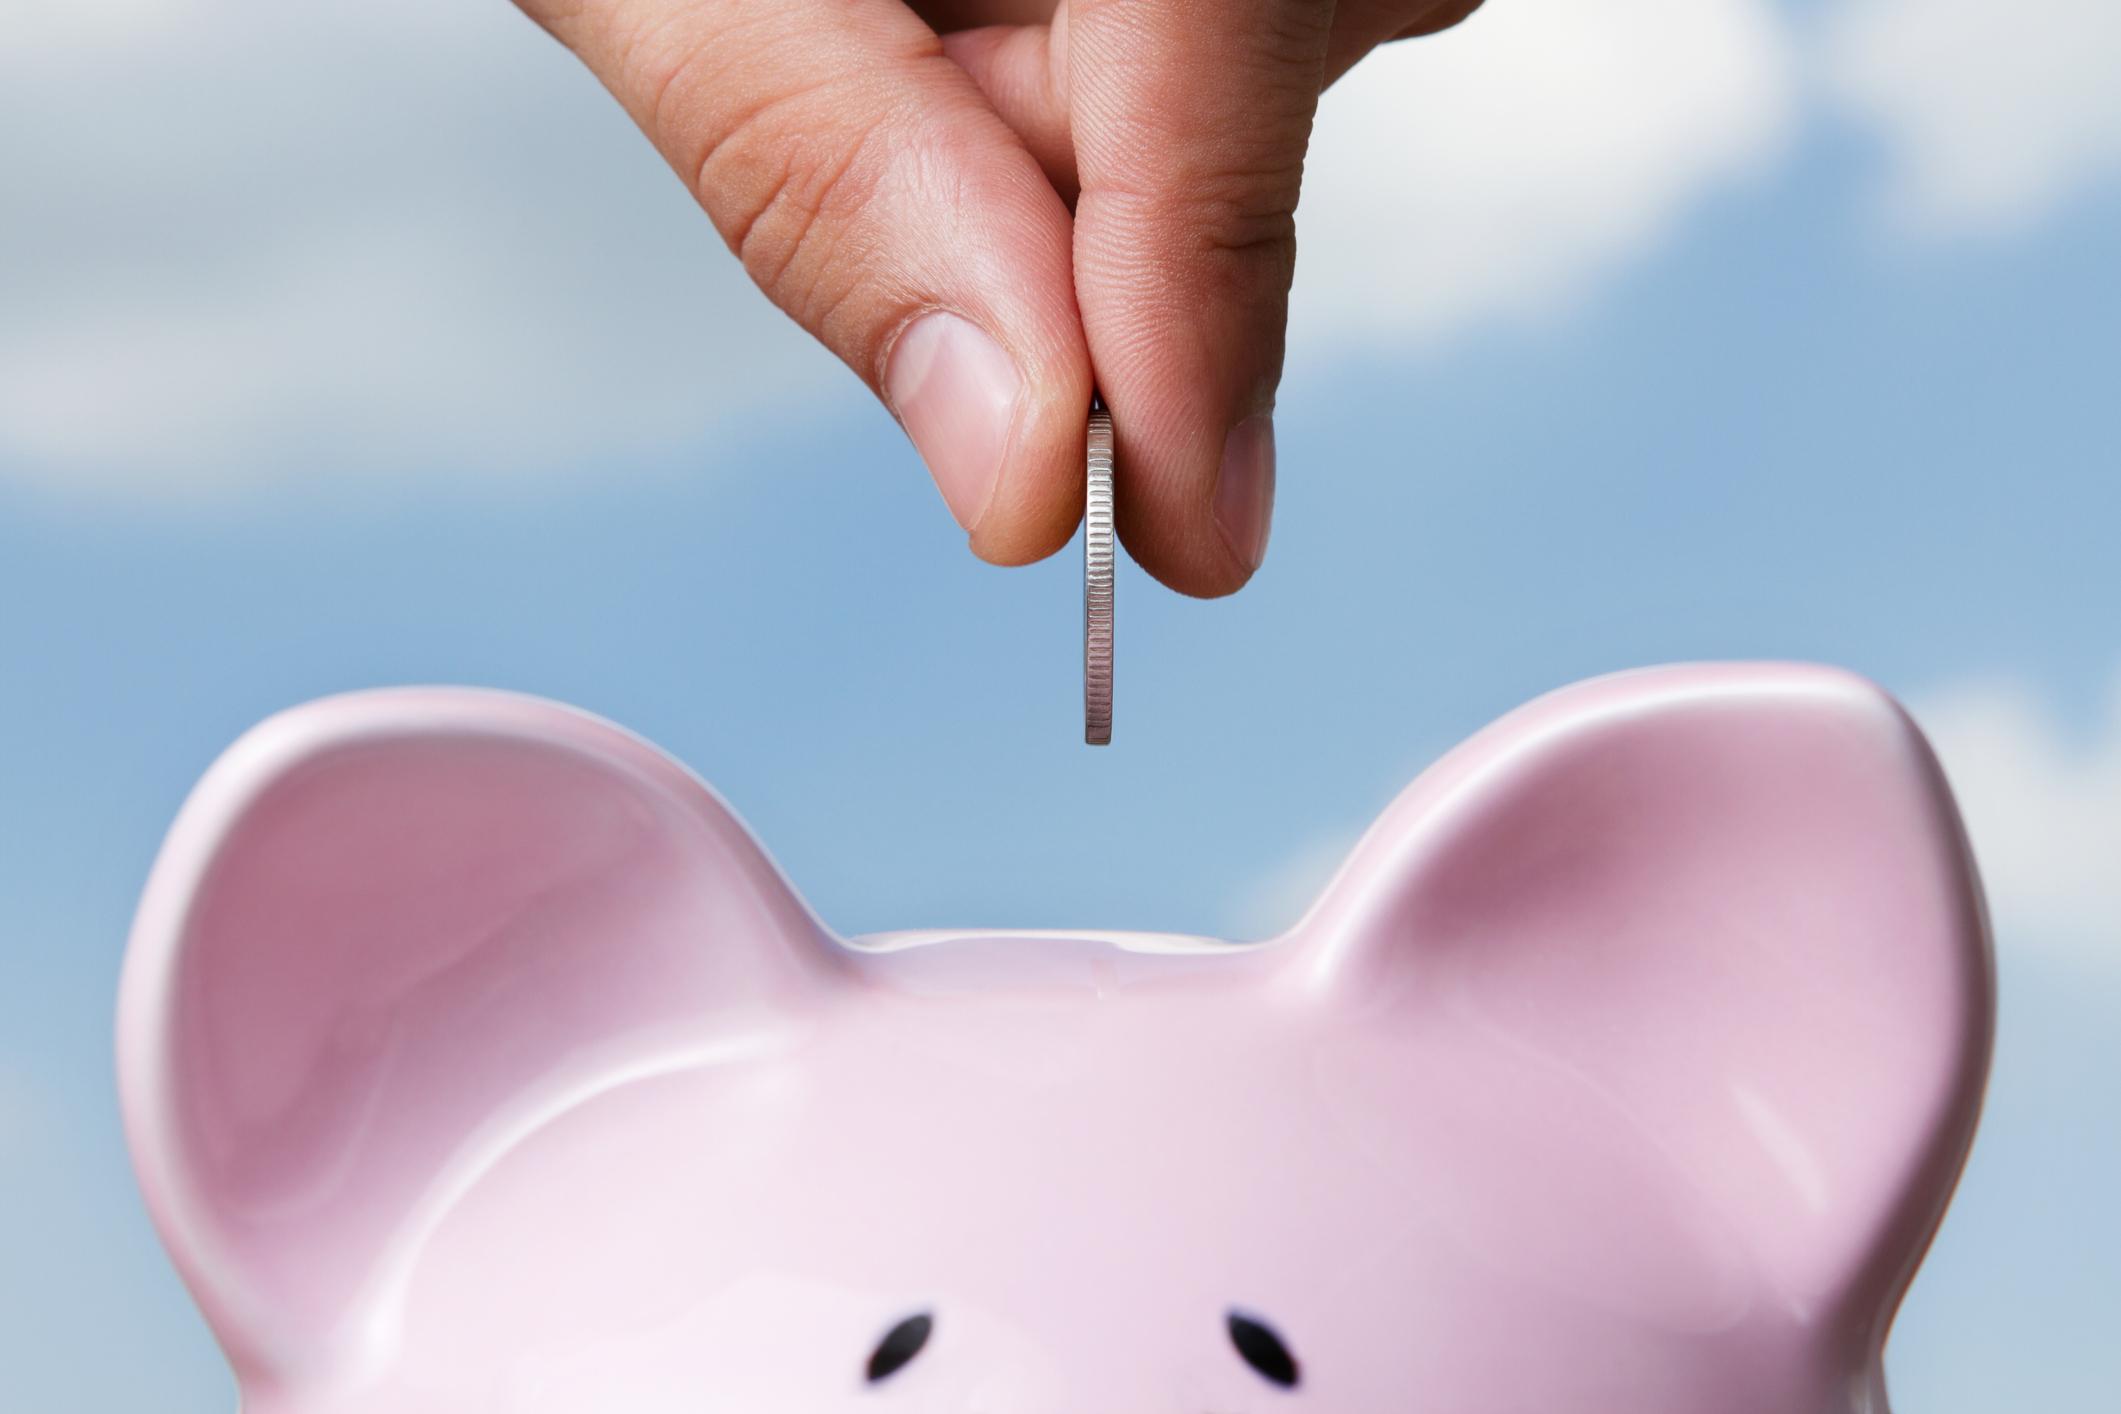 A person drops change itno a piggy bank.